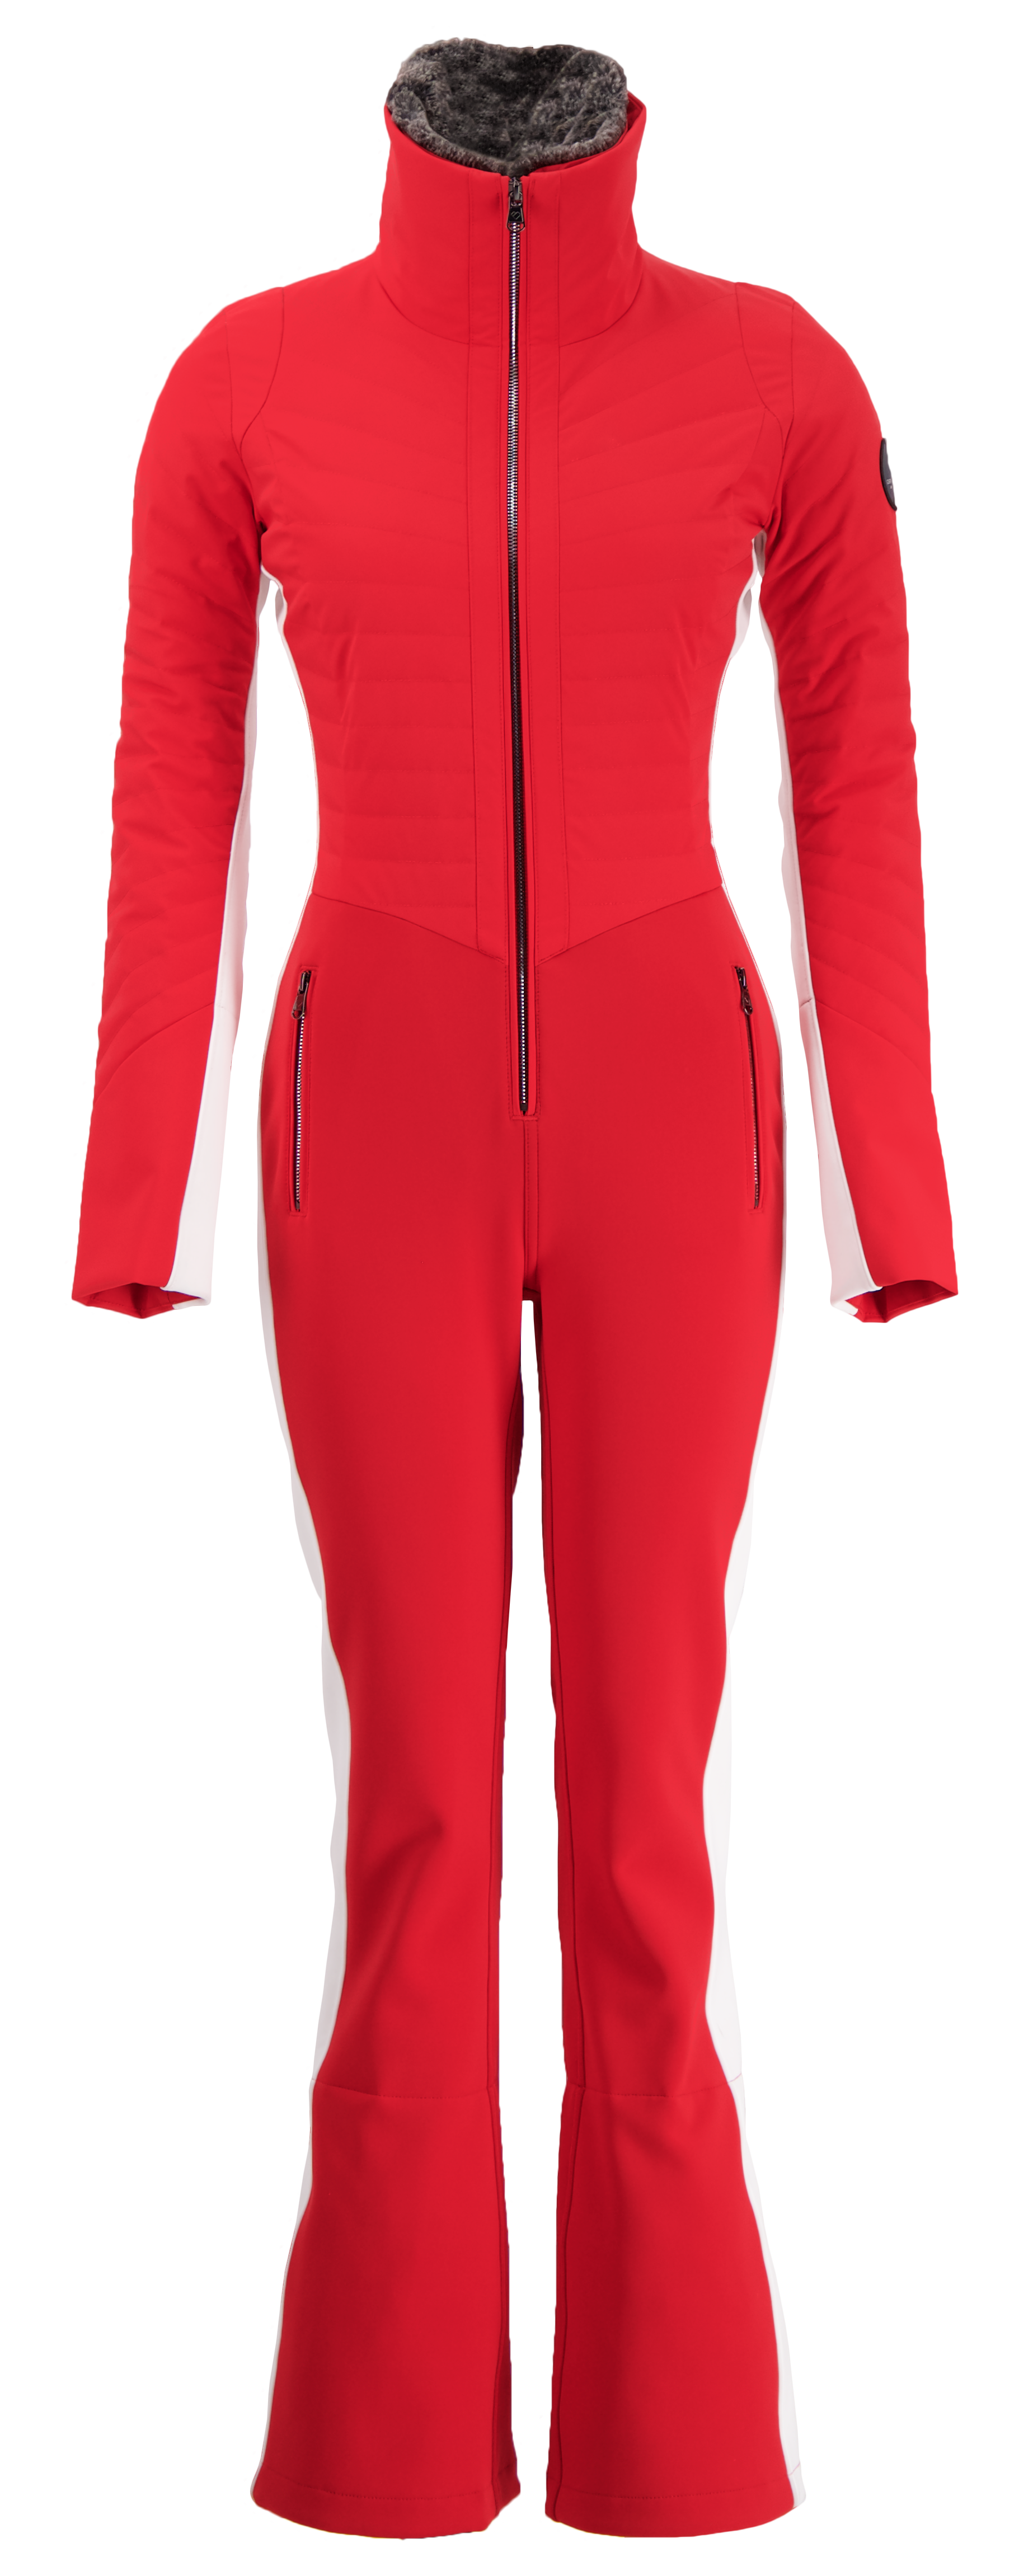 Mikaela Shiffrin, 2019 Spindleruv Mlyn World Cup Slalom